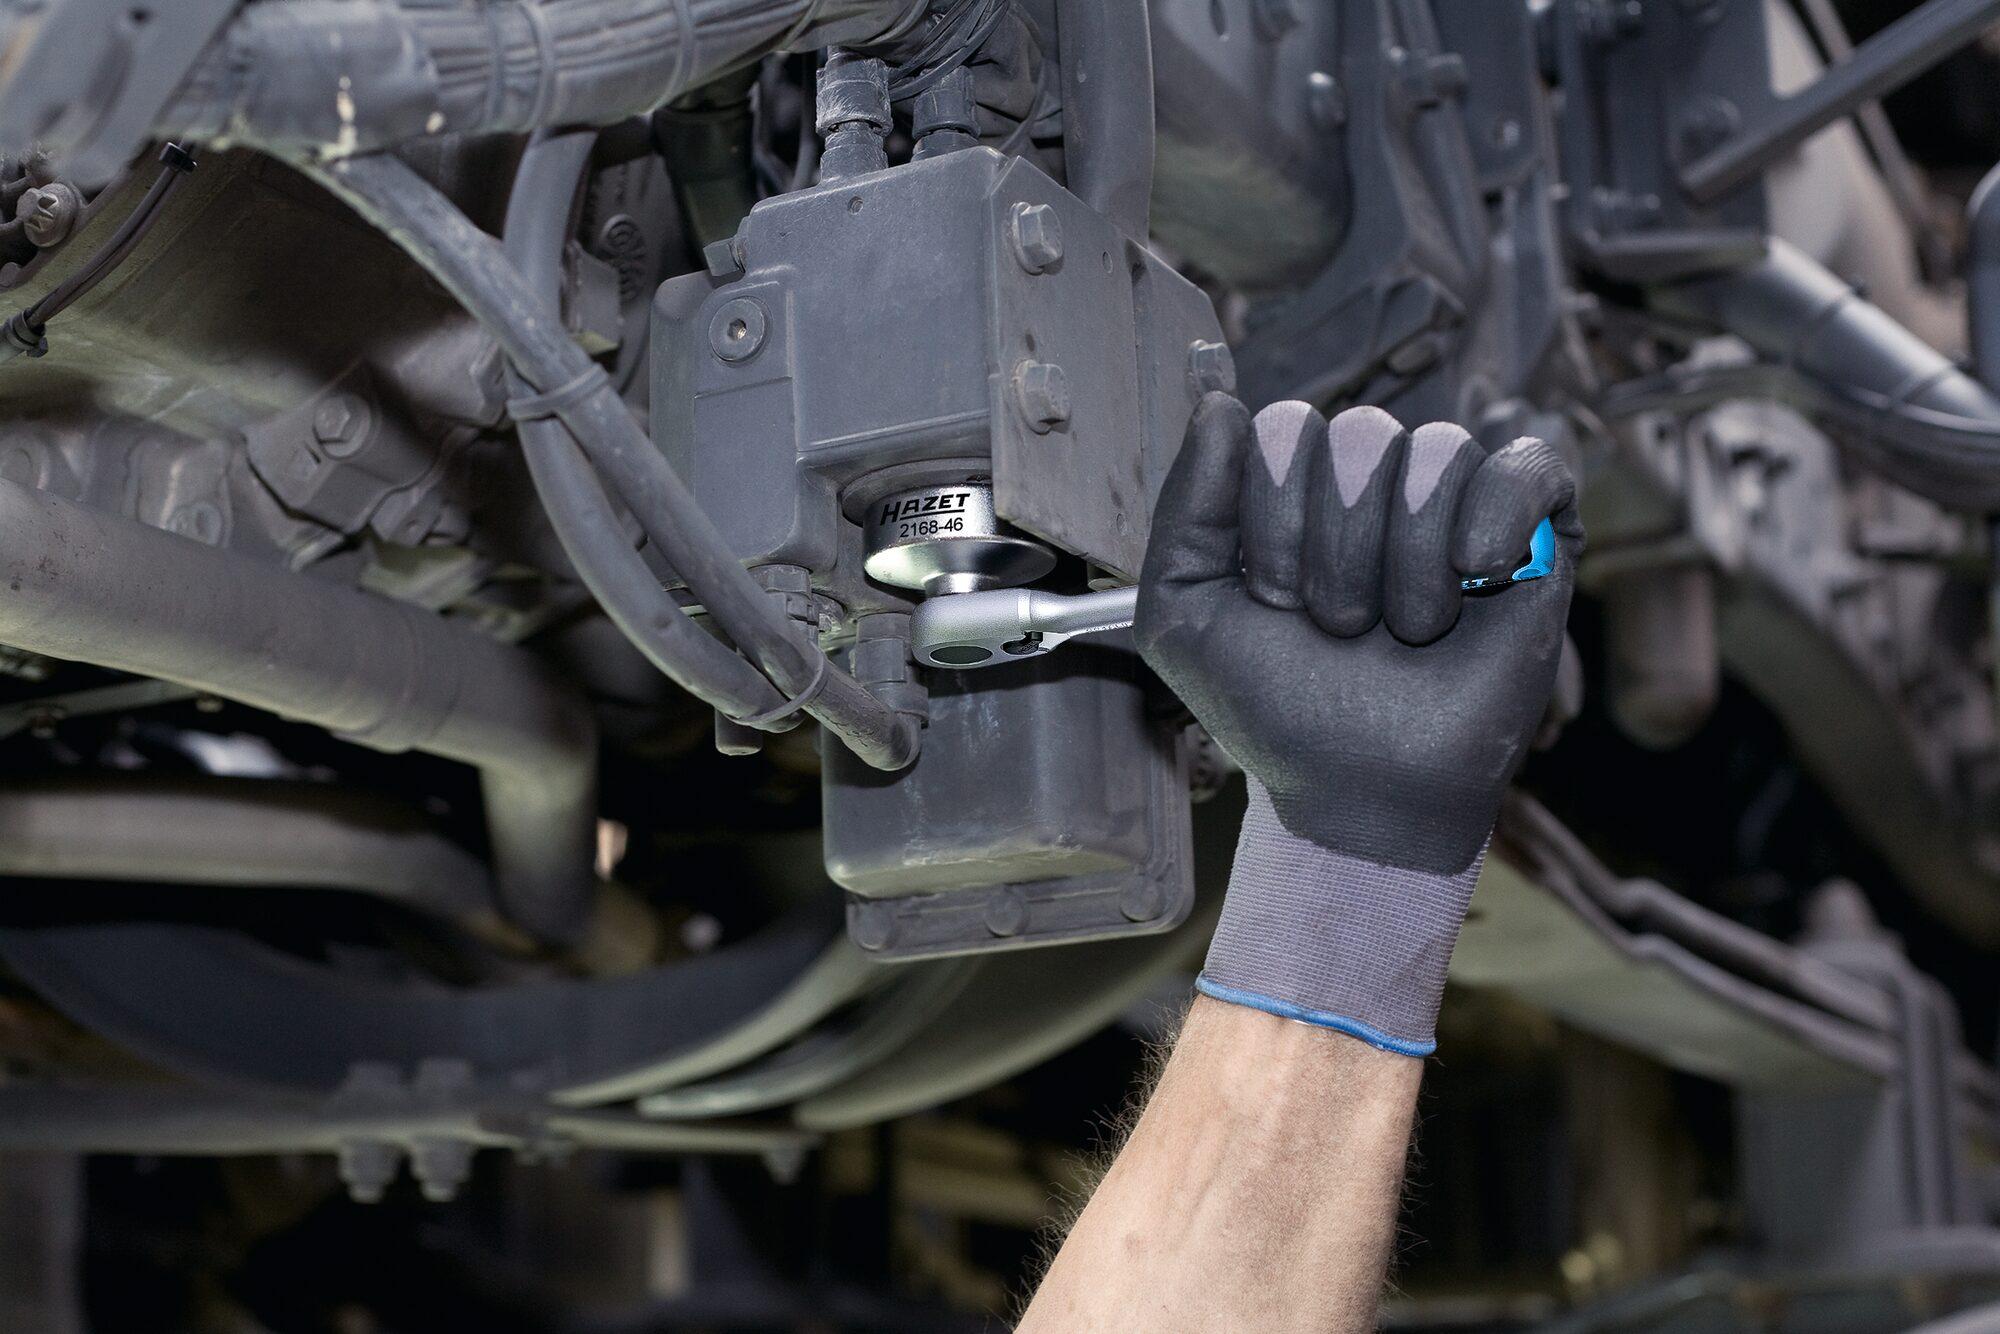 HAZET Ad-Blue® Filter-Schlüssel 2168-46 ∙ Vierkant hohl 10 mm (3/8 Zoll) ∙ Außen-Sechskant Profil ∙ 59 mm